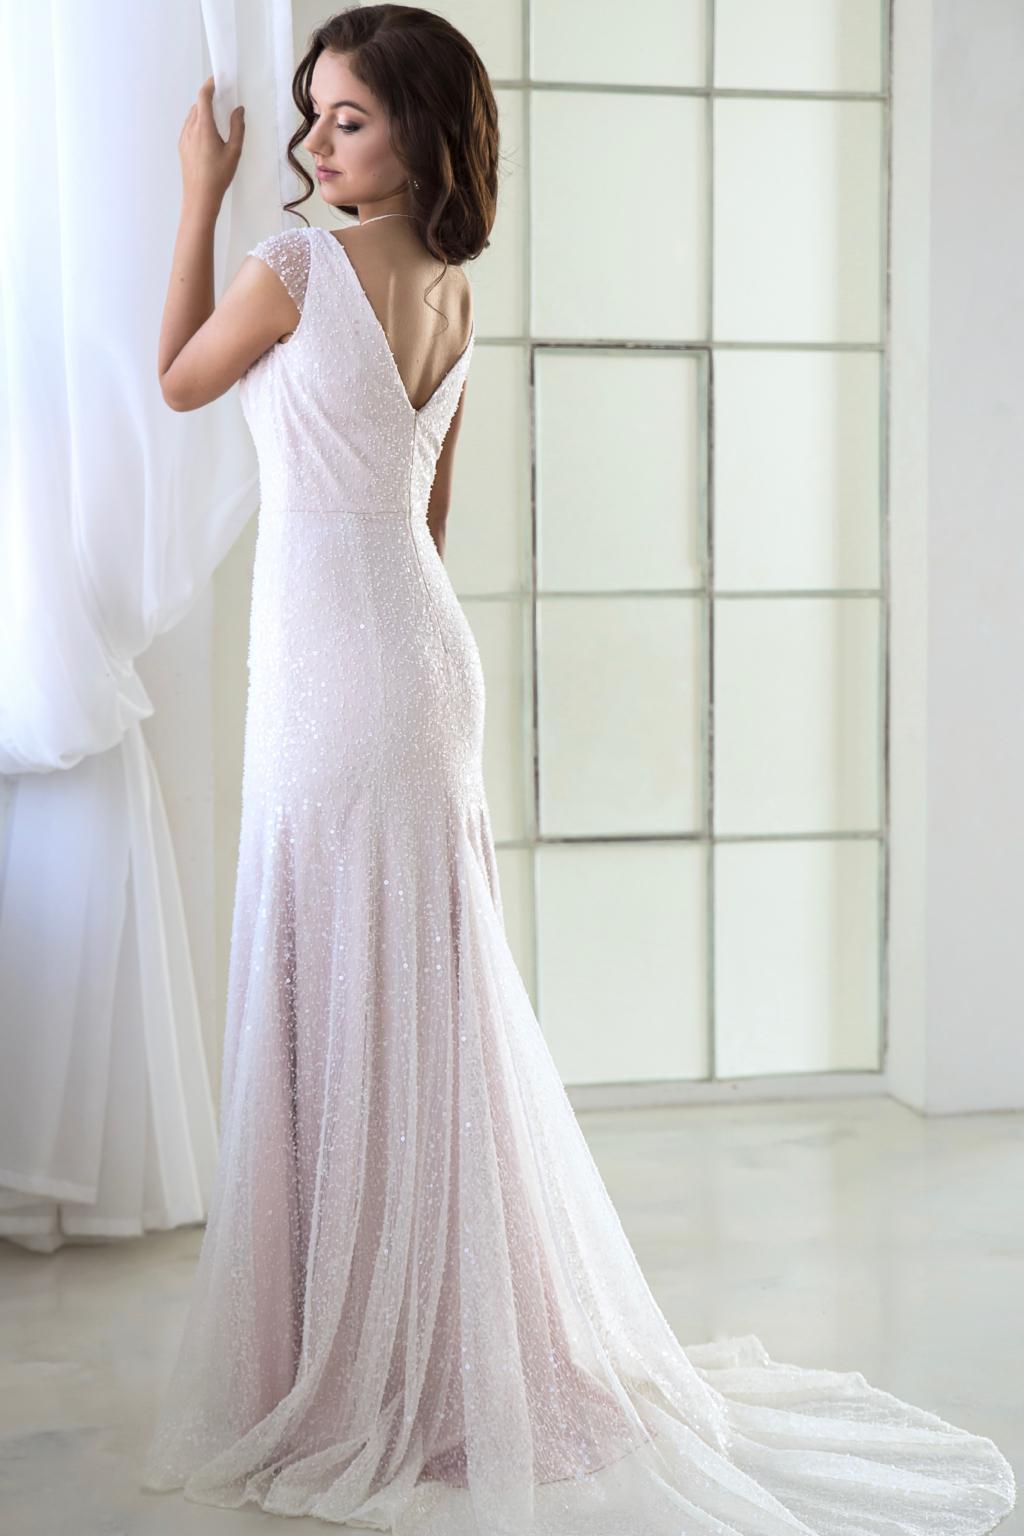 2452403e3c4 Svatební šaty AMELIE z třpytivé krajky s perličkami - MiaBella